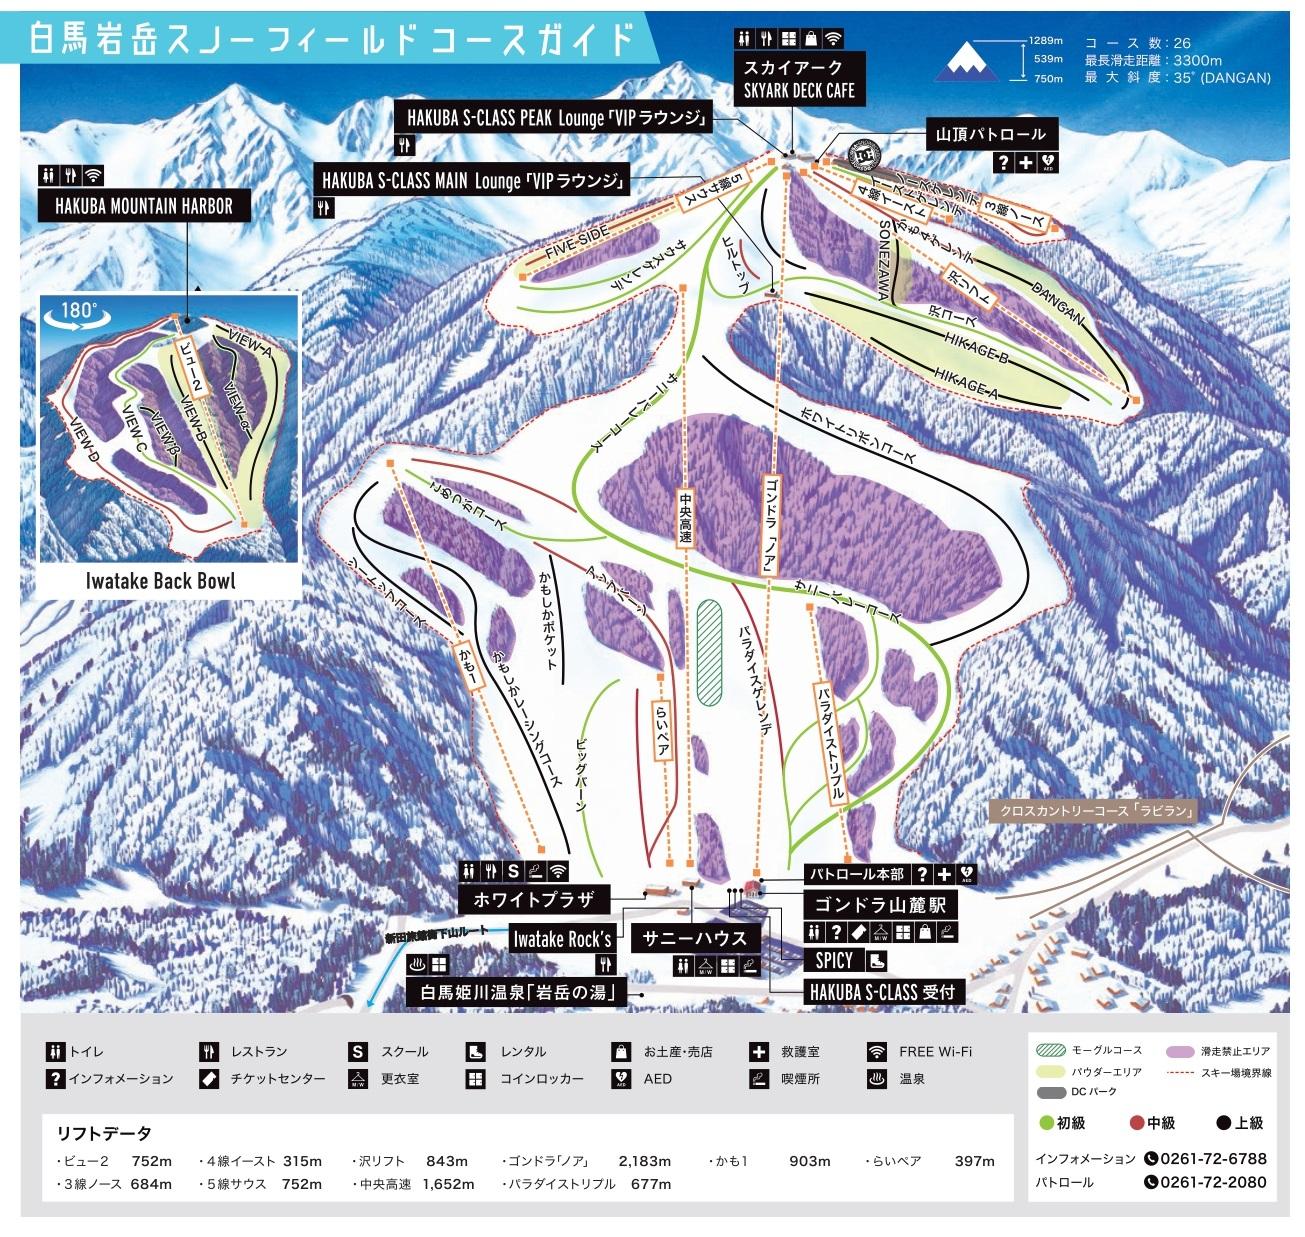 白馬岩岳スノーフィールド ゲレンデマップ